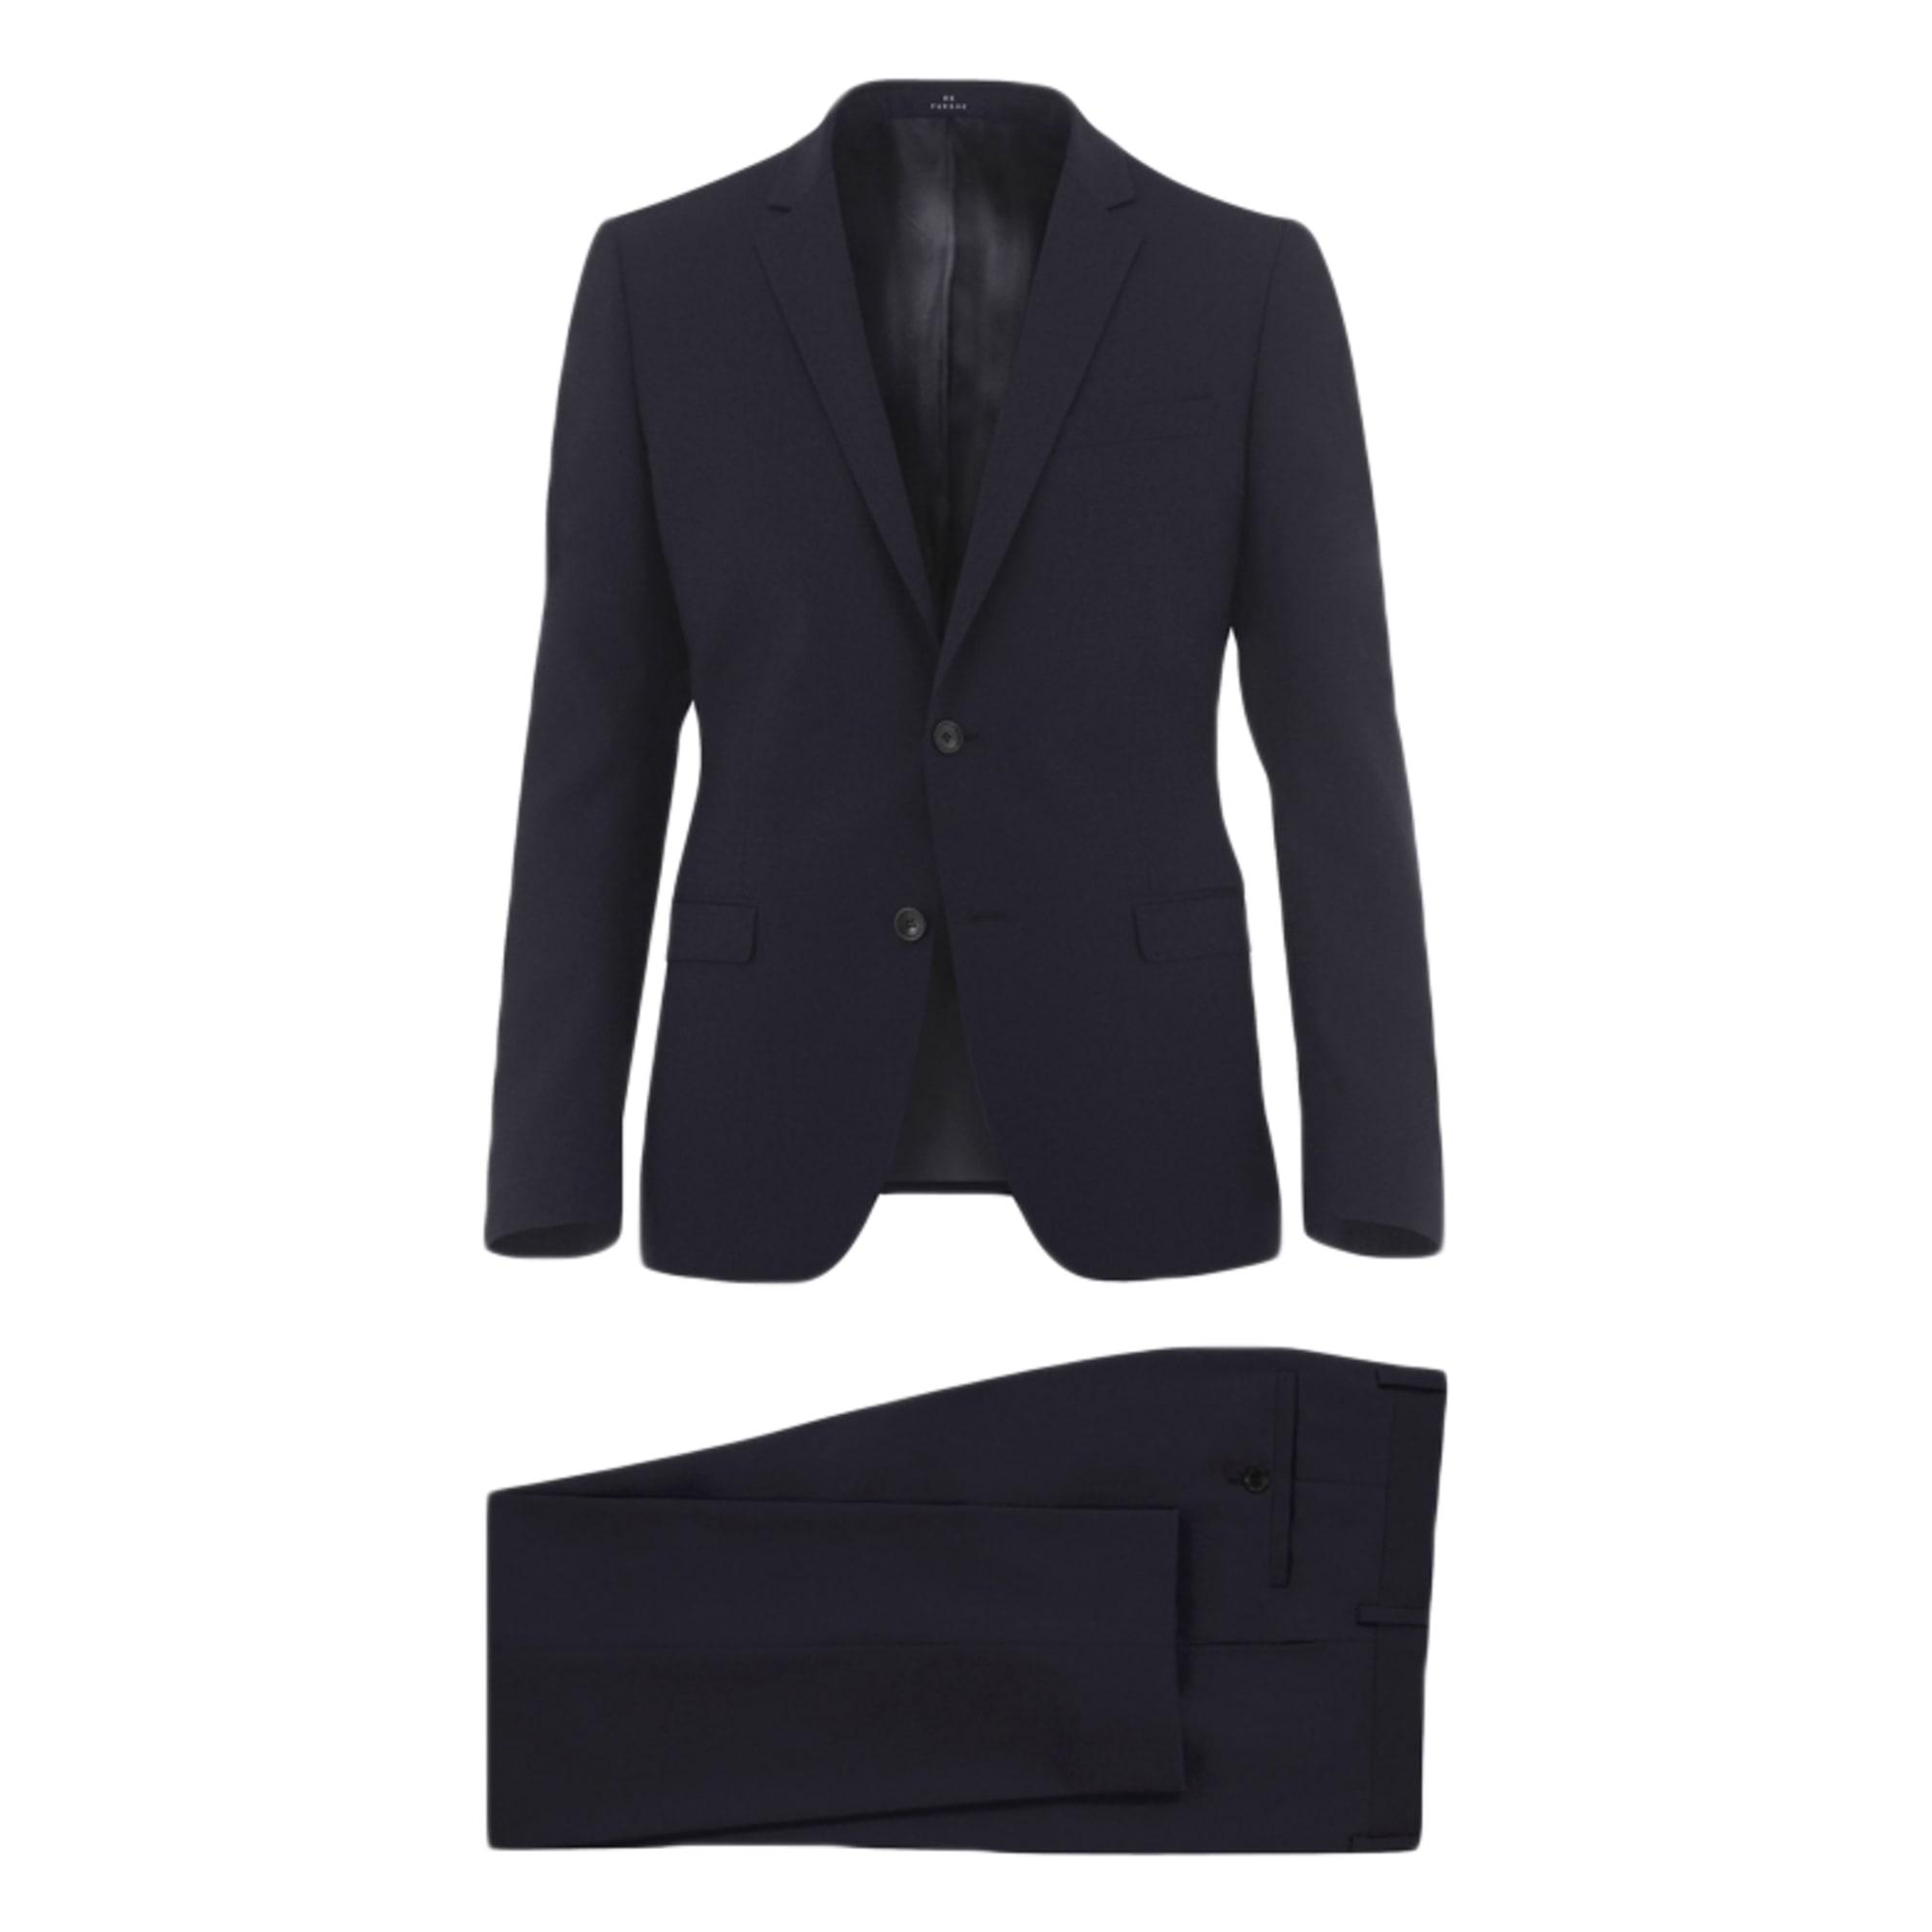 Costume complet DE FURSAC 44 (S) bleu vendu par Christian 65478614 ... 53226826af2